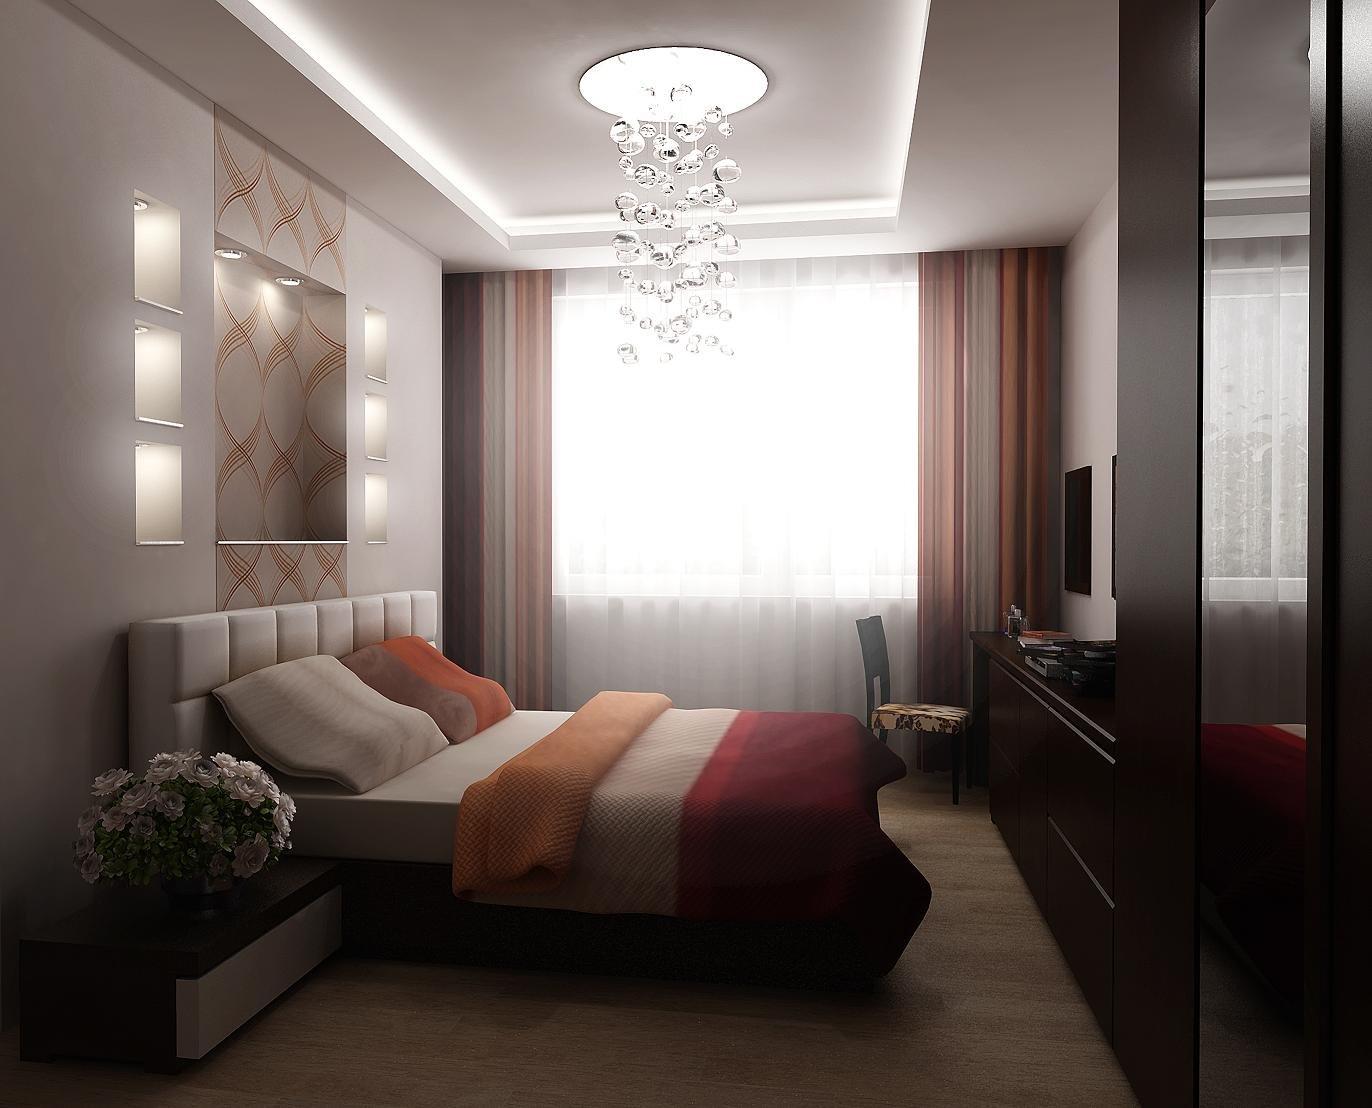 спальня в прямоугольной комнате дизайн фото актуально